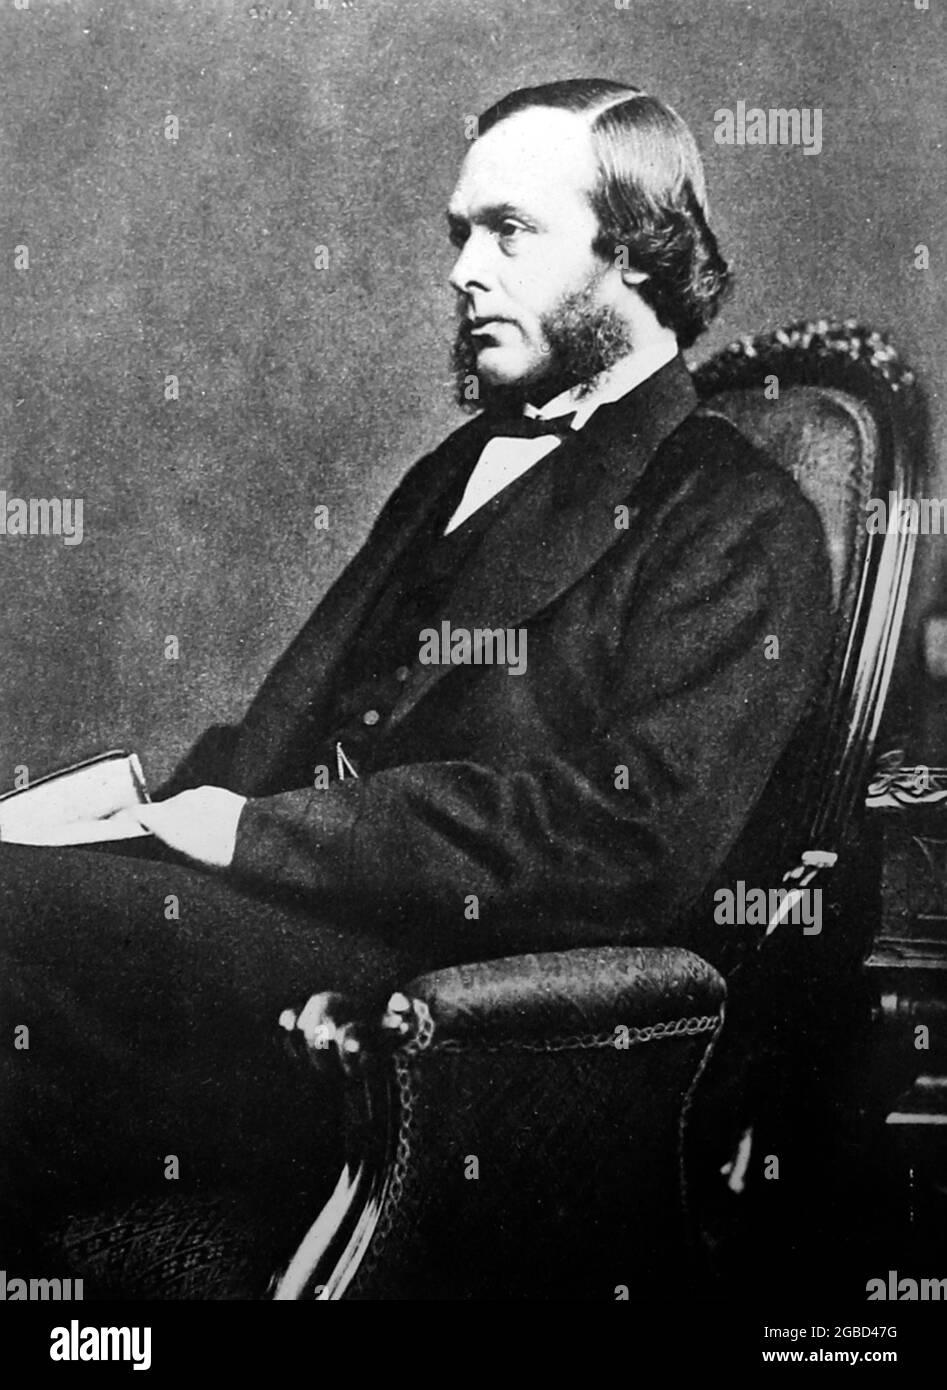 Joseph Lister, pris à la fin des années 1860 Banque D'Images